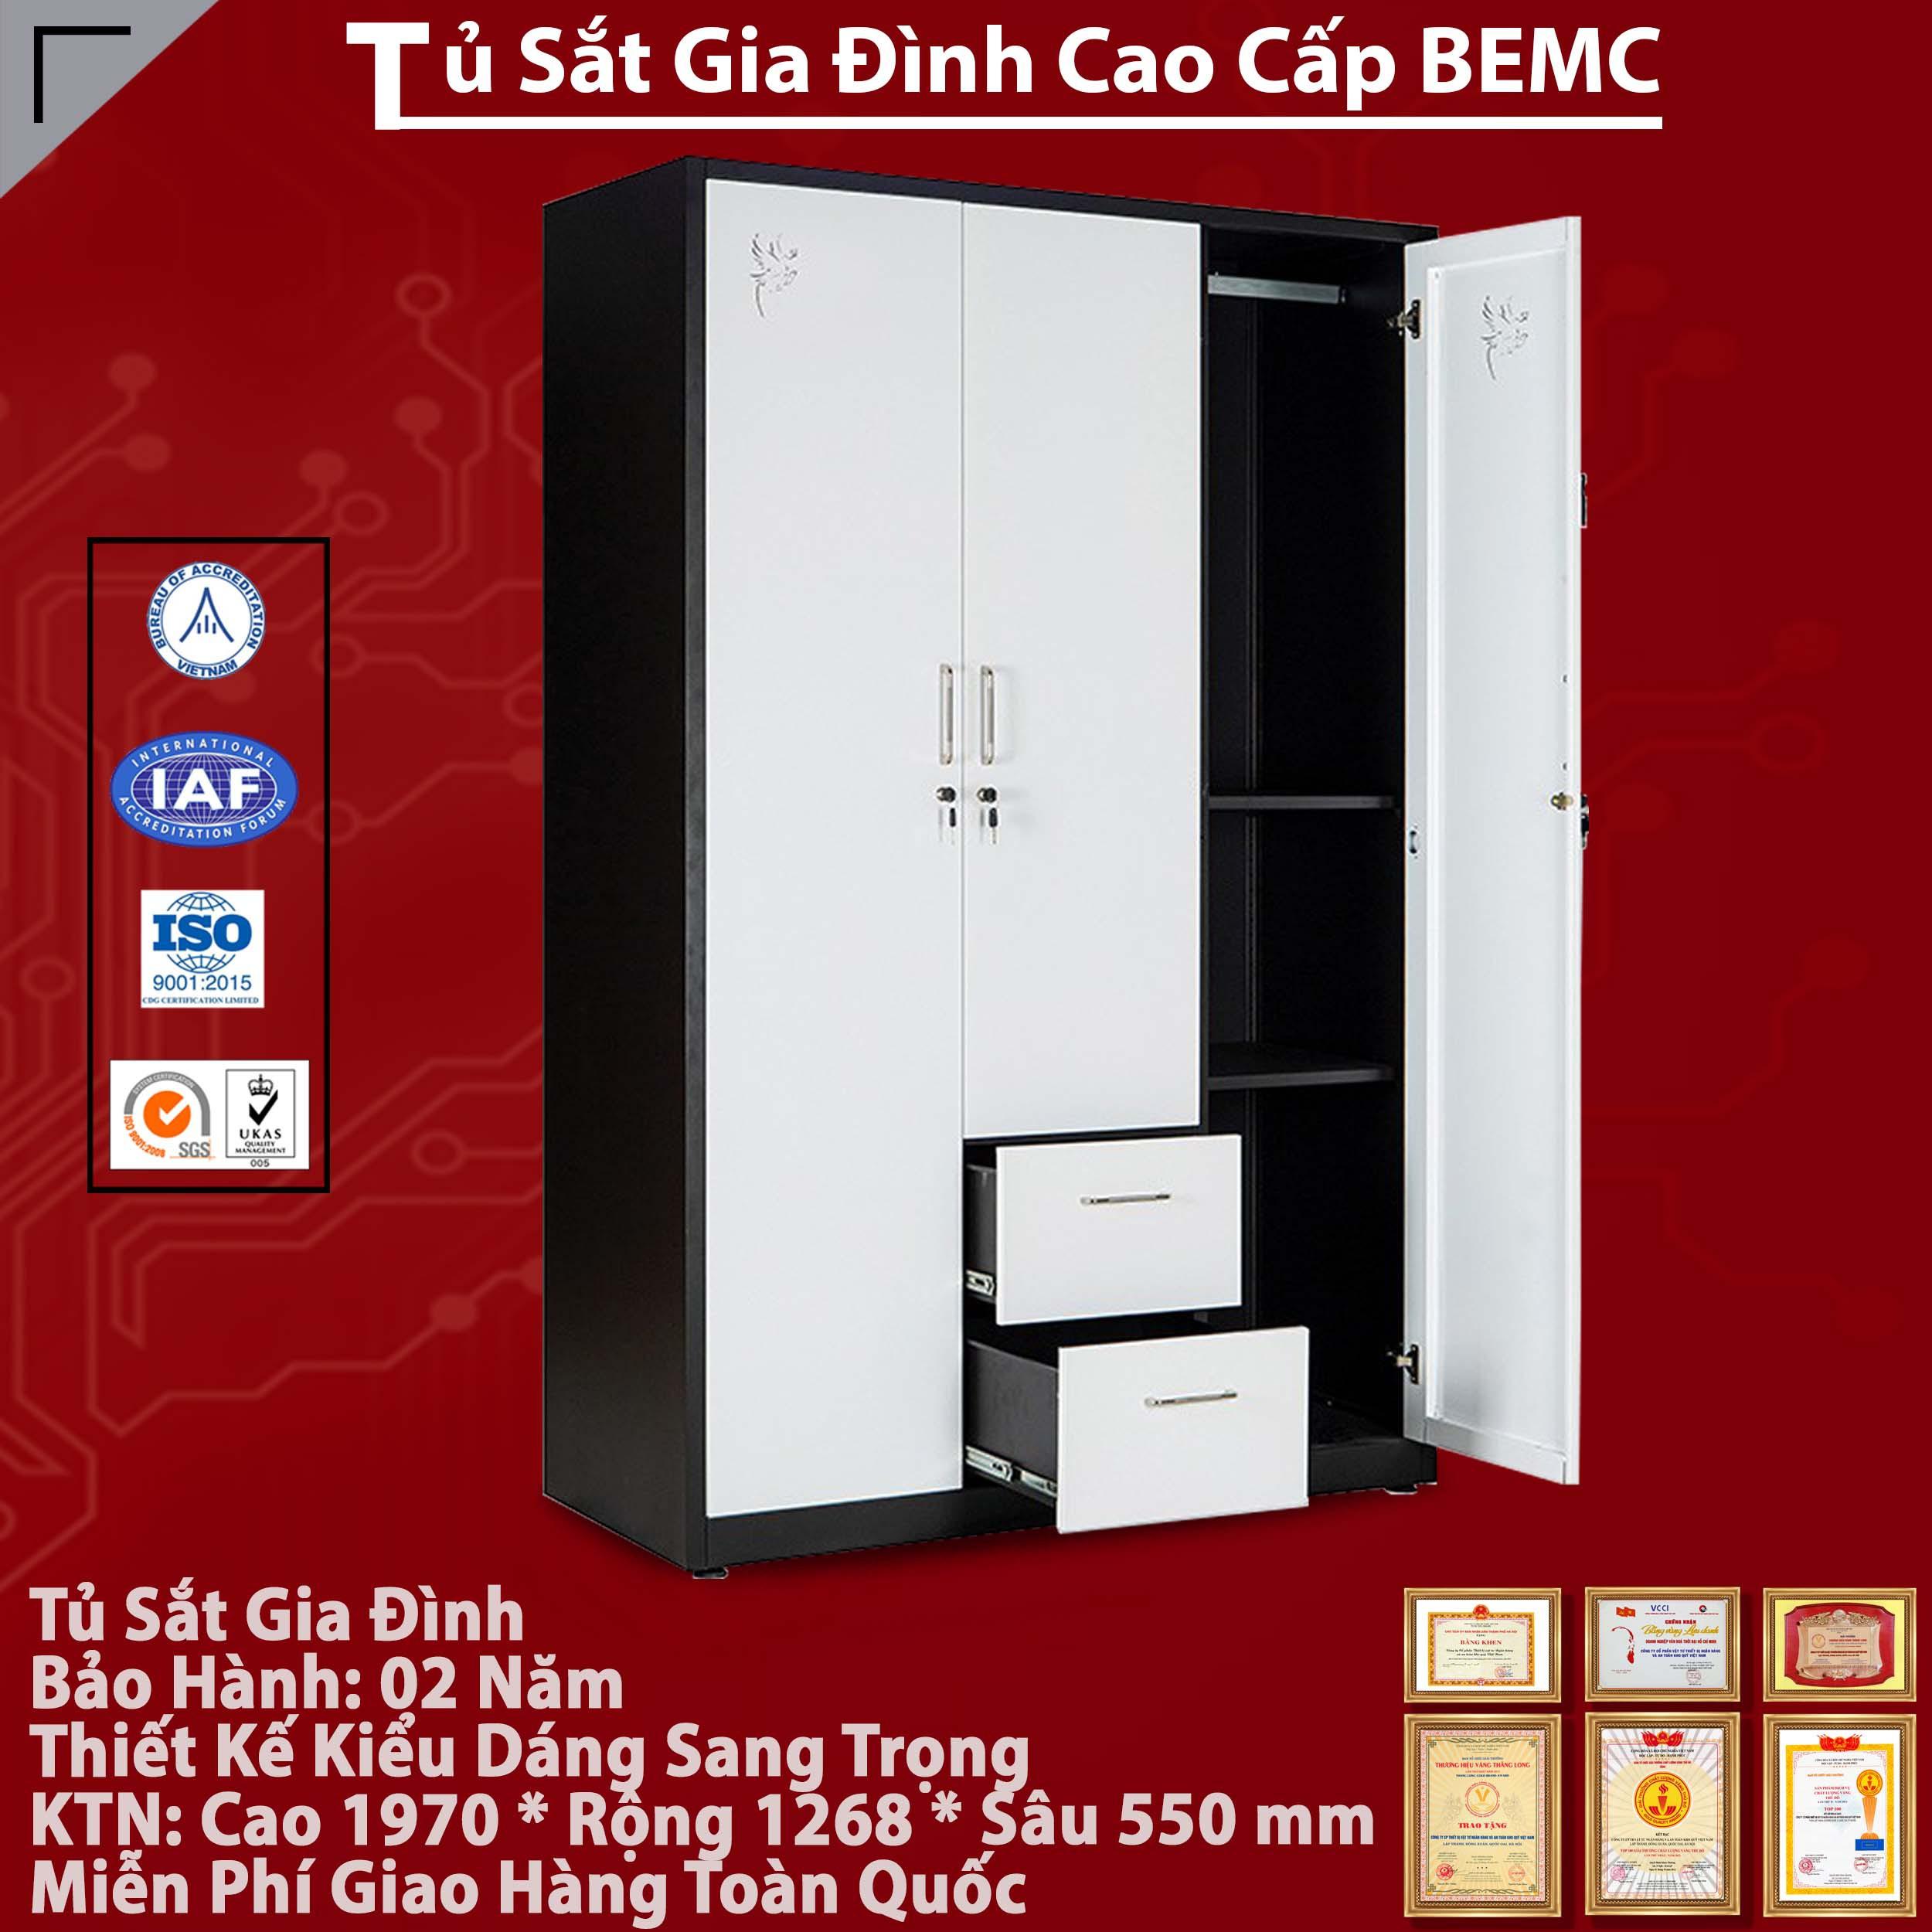 Tủ khung thép sơn tĩnh điện BEMC - 20B2C3 chính hãng